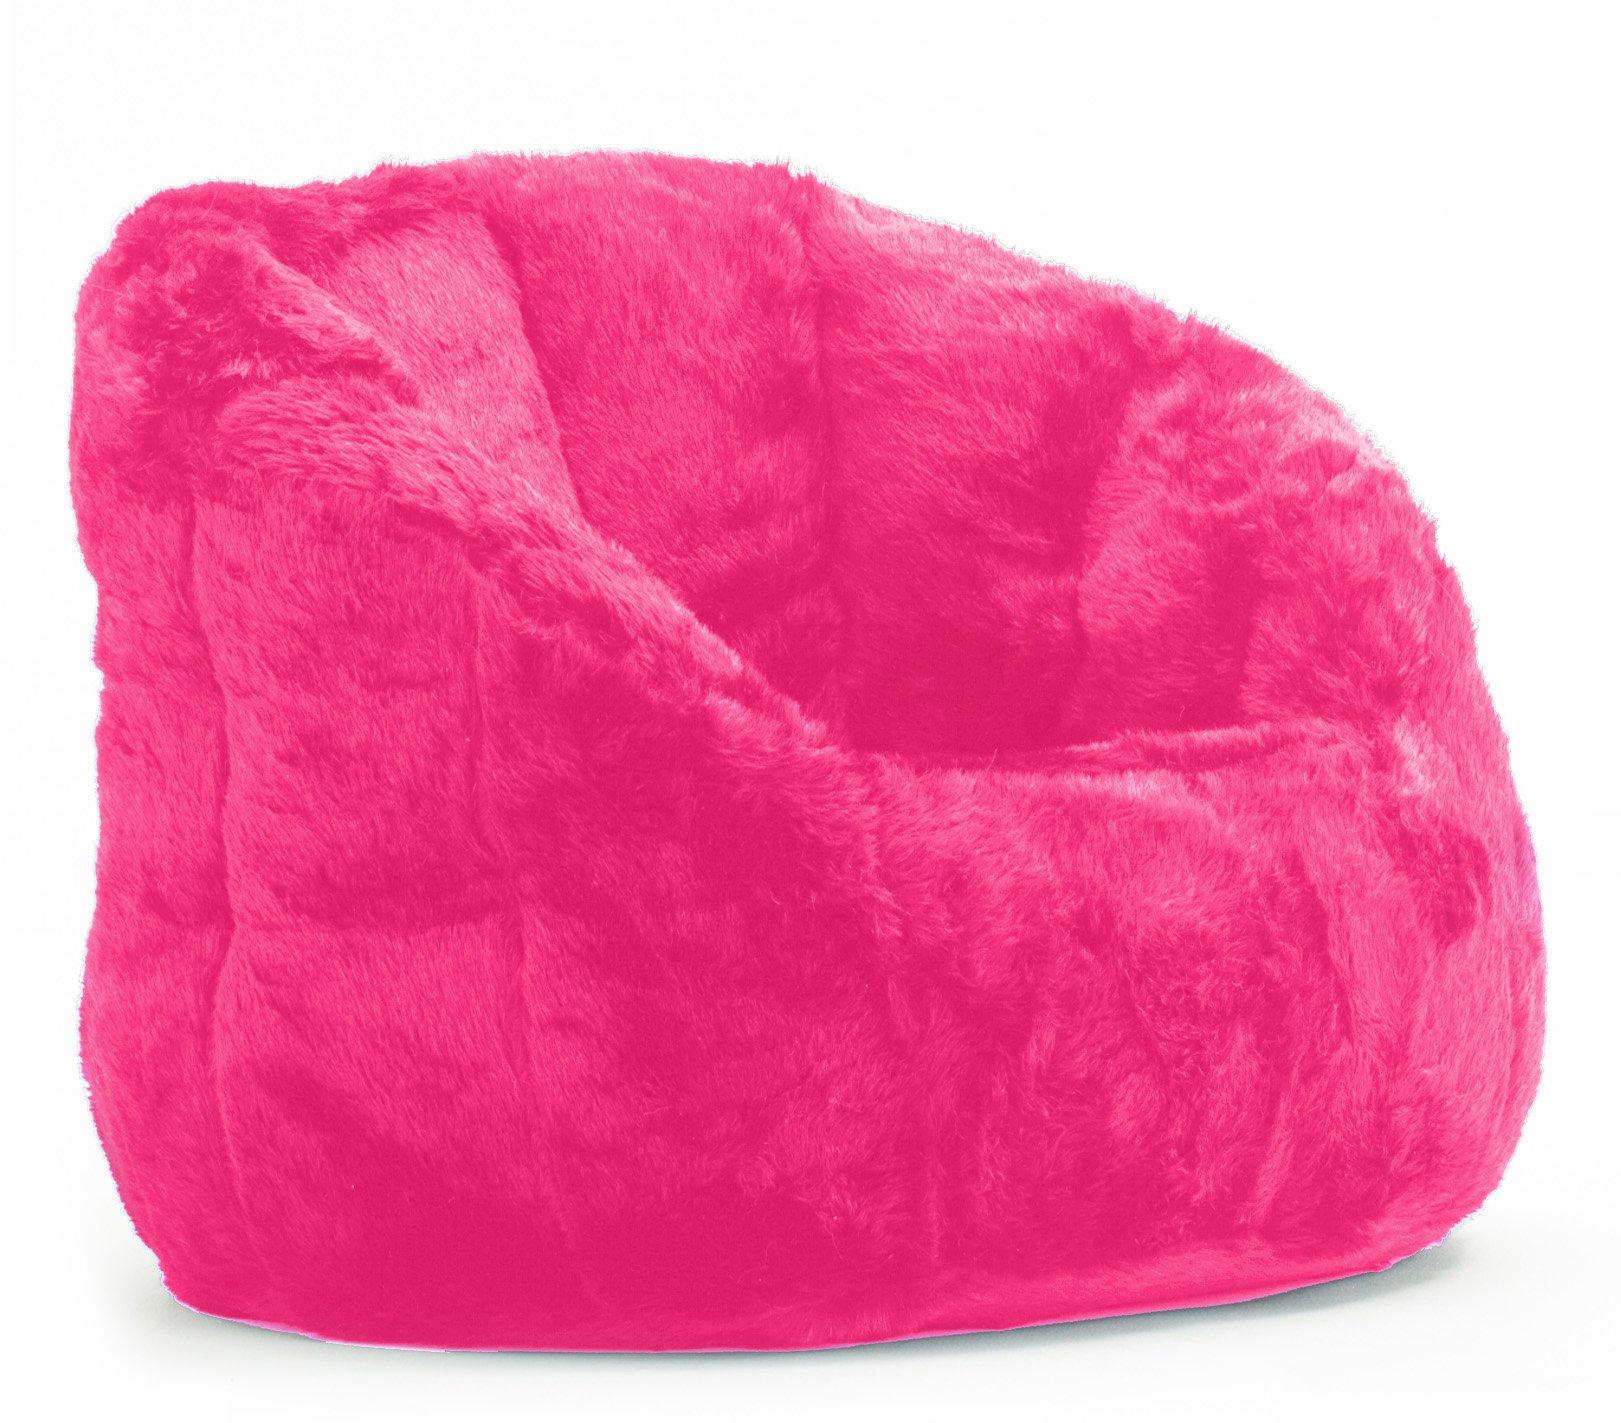 Cocoon Faux Fur Bean Bag Chair, Multiple Colors (1)